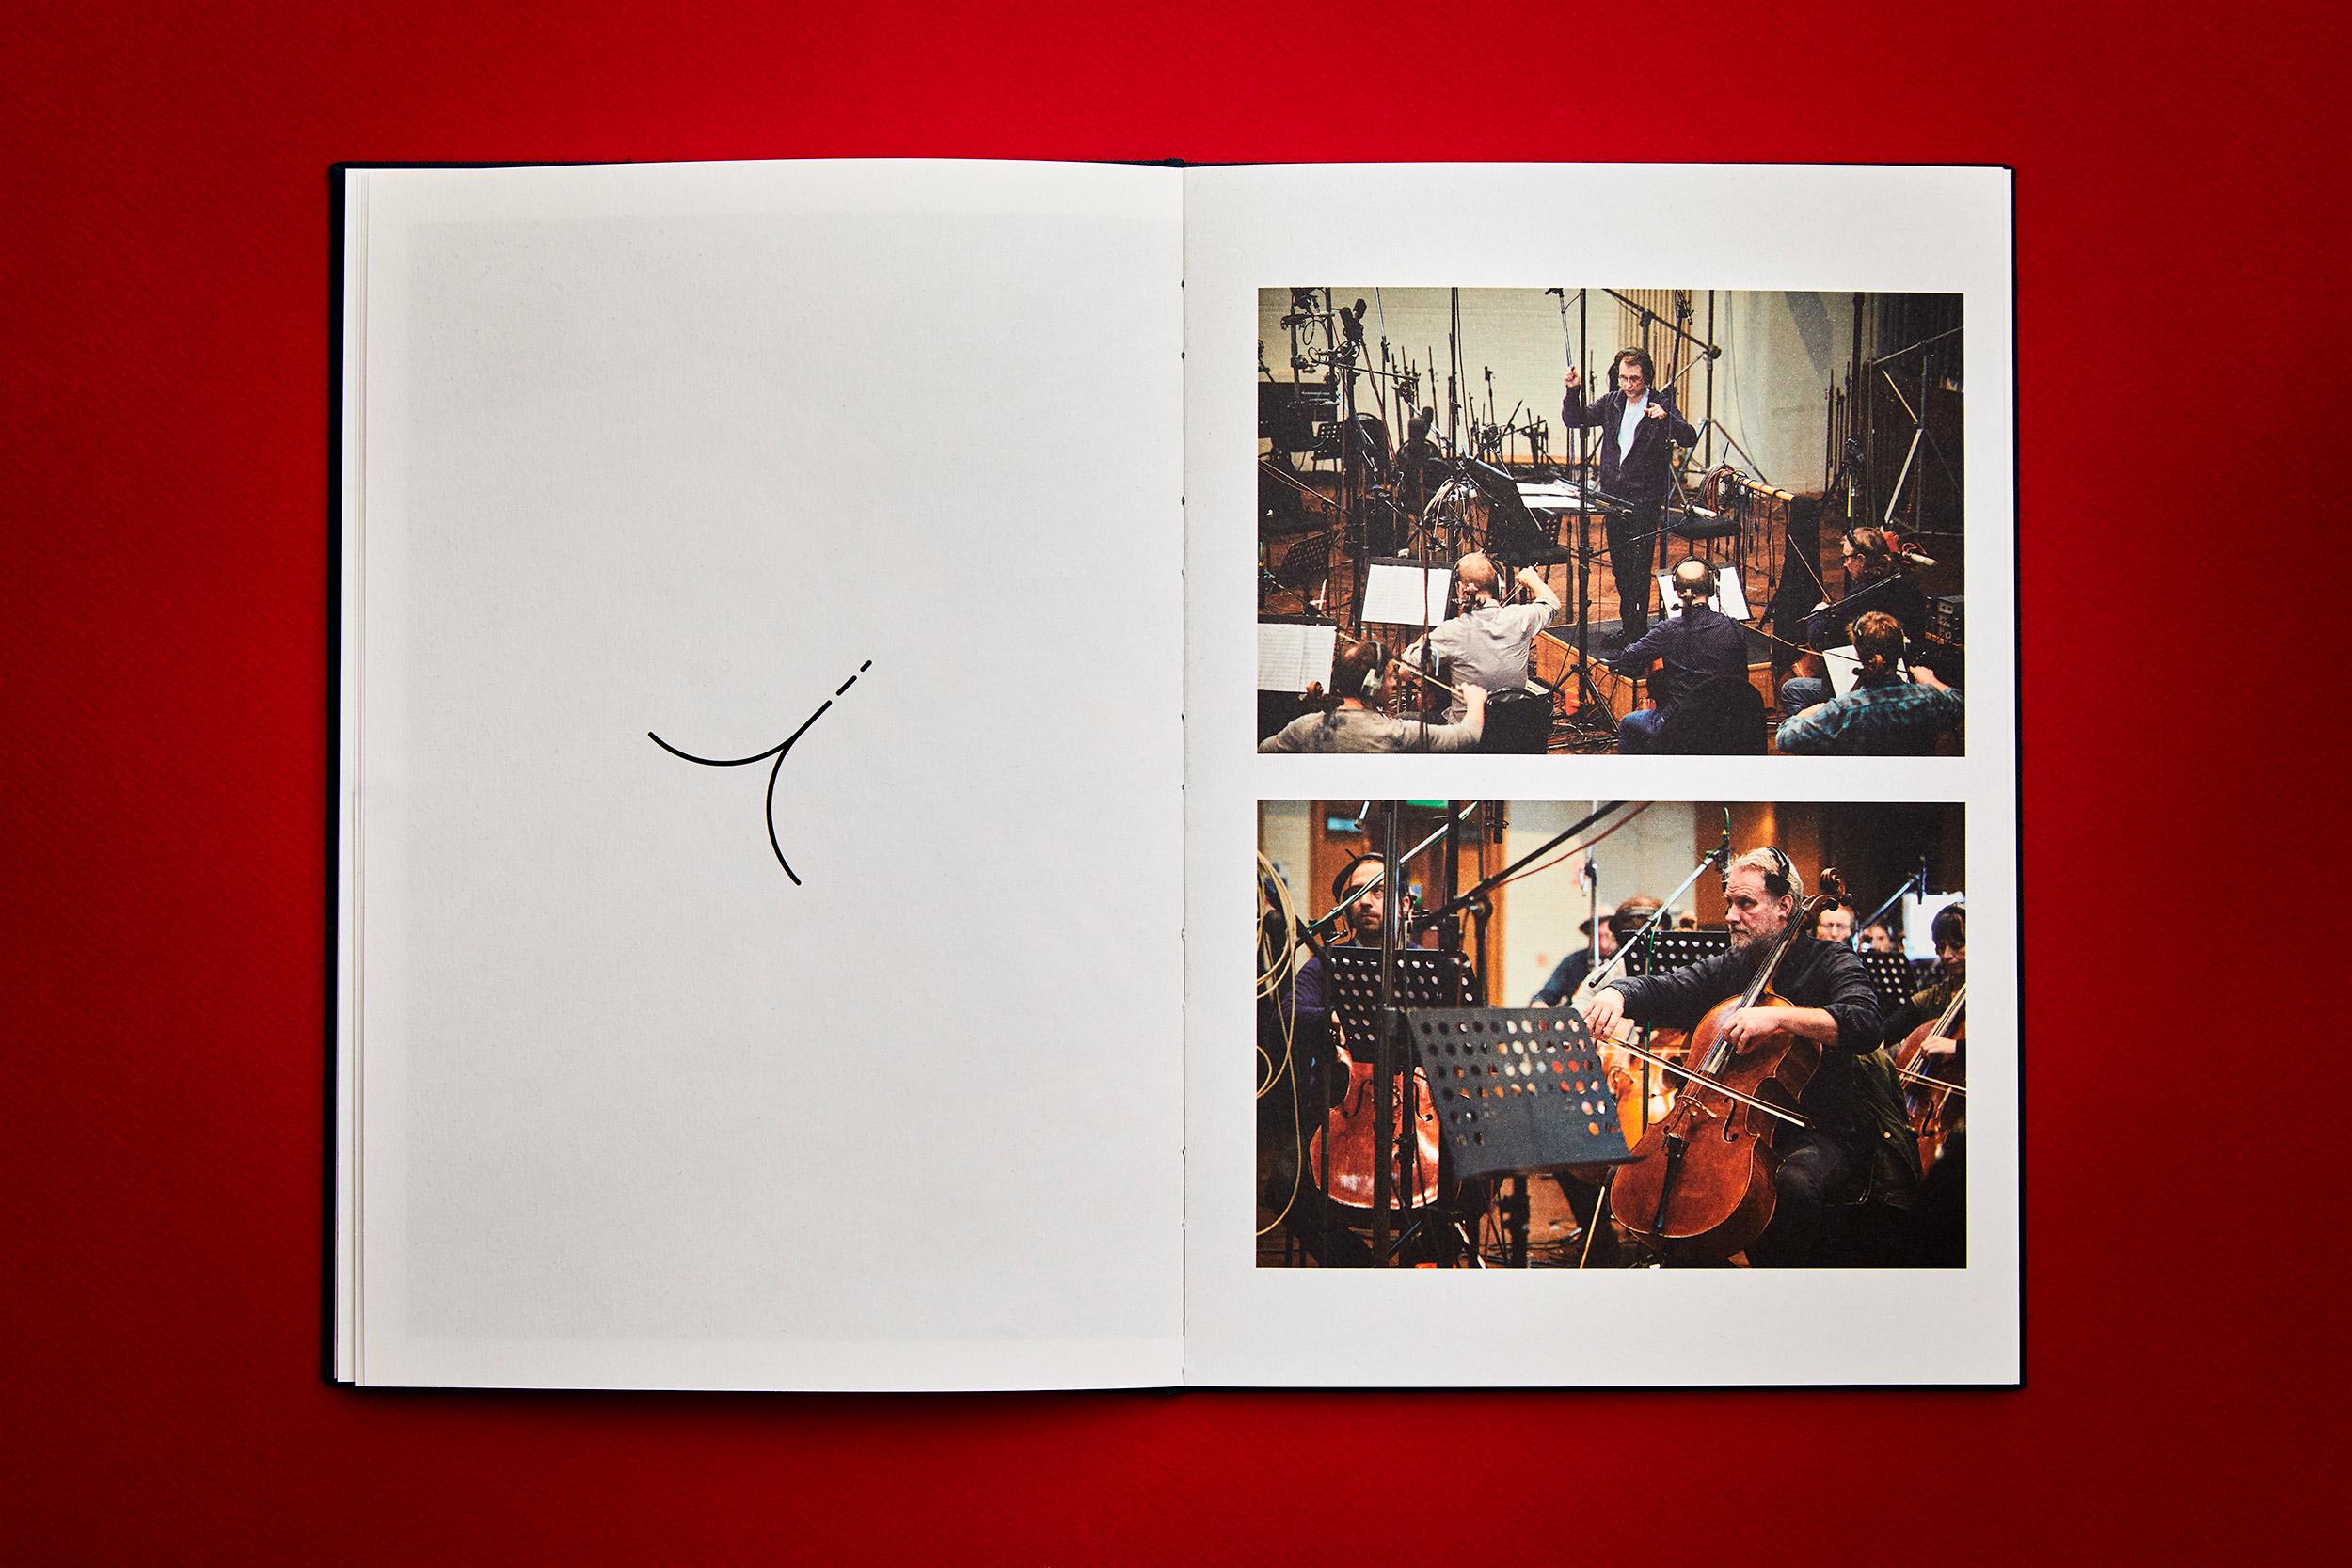 SA---Hans-Zimmer-Book_Still-Life_Social_LKP_2322.jpg